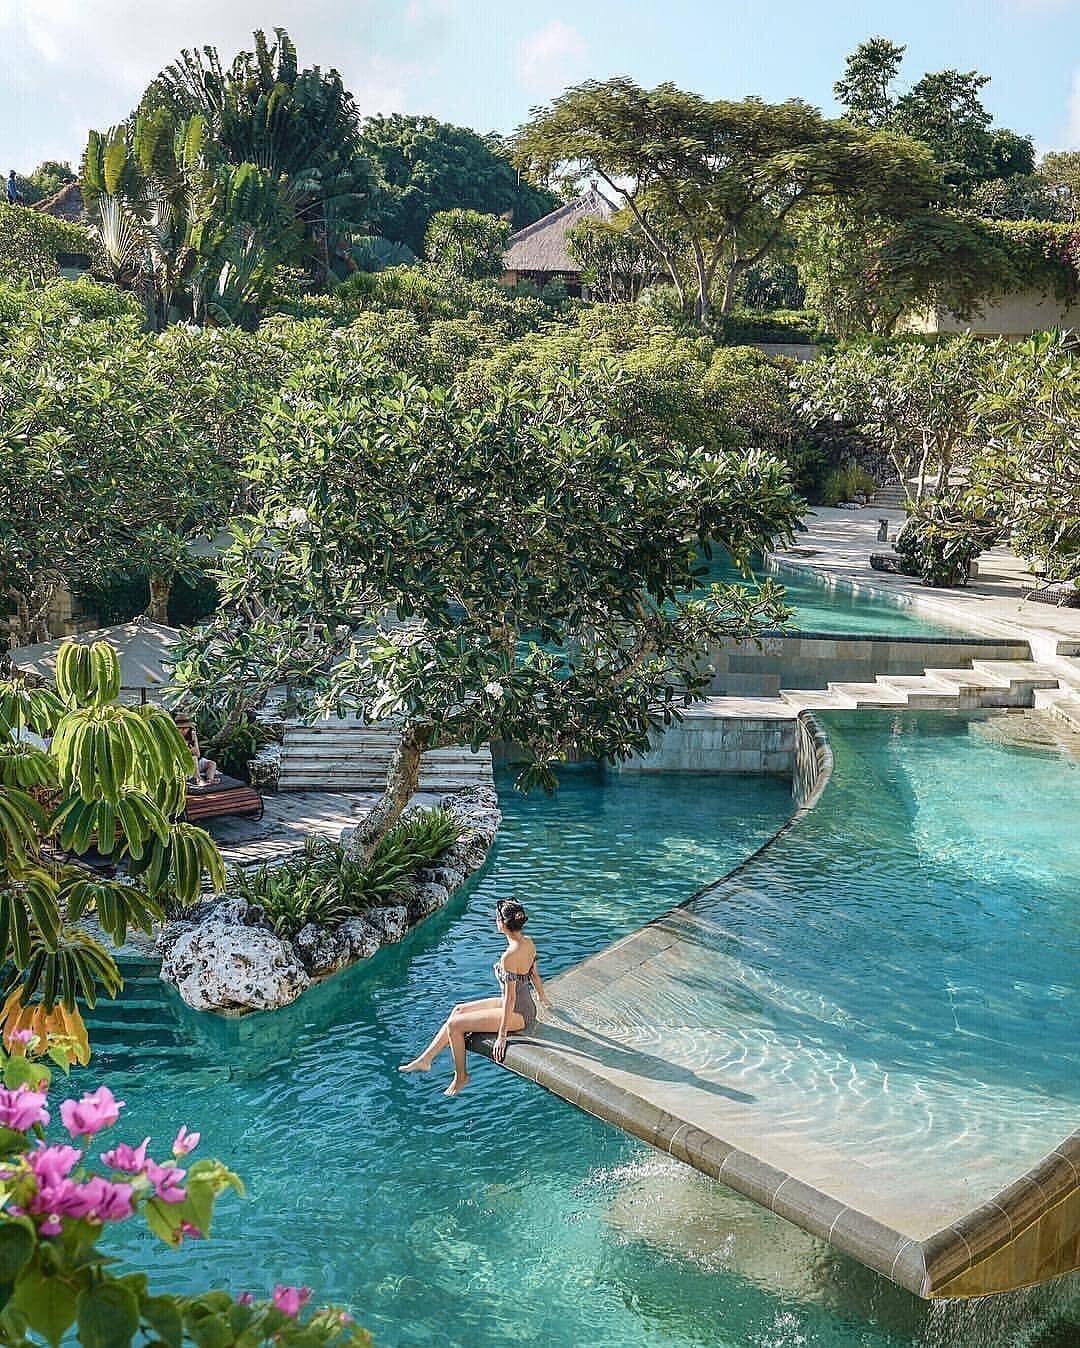 Hotel De Luxe Pas Cher : hotel, Ayana, Resort, Photography, @michutravel..., #amichutravel, #ayana, #photography, #resort, Bali,, Hotel, Piscine,, Vacances